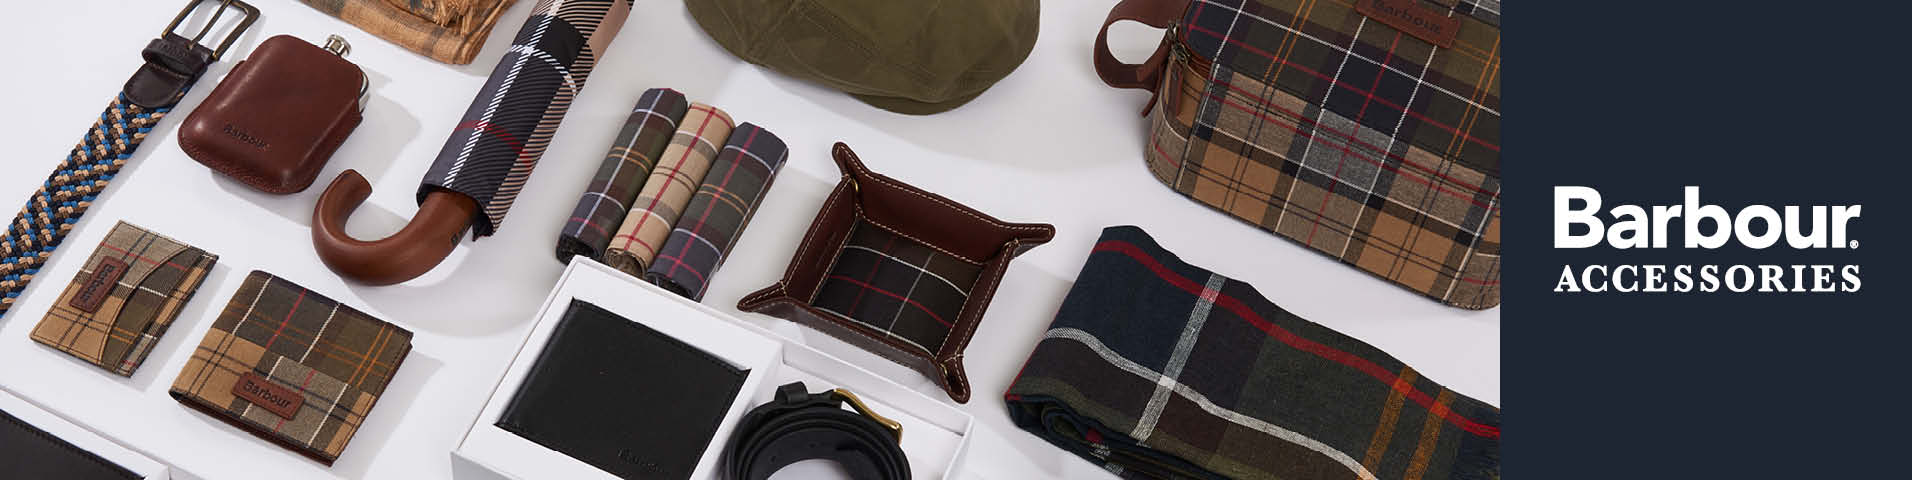 d1736479d Barbour Men's Scarves | Accessories for Men | ZALANDO UK